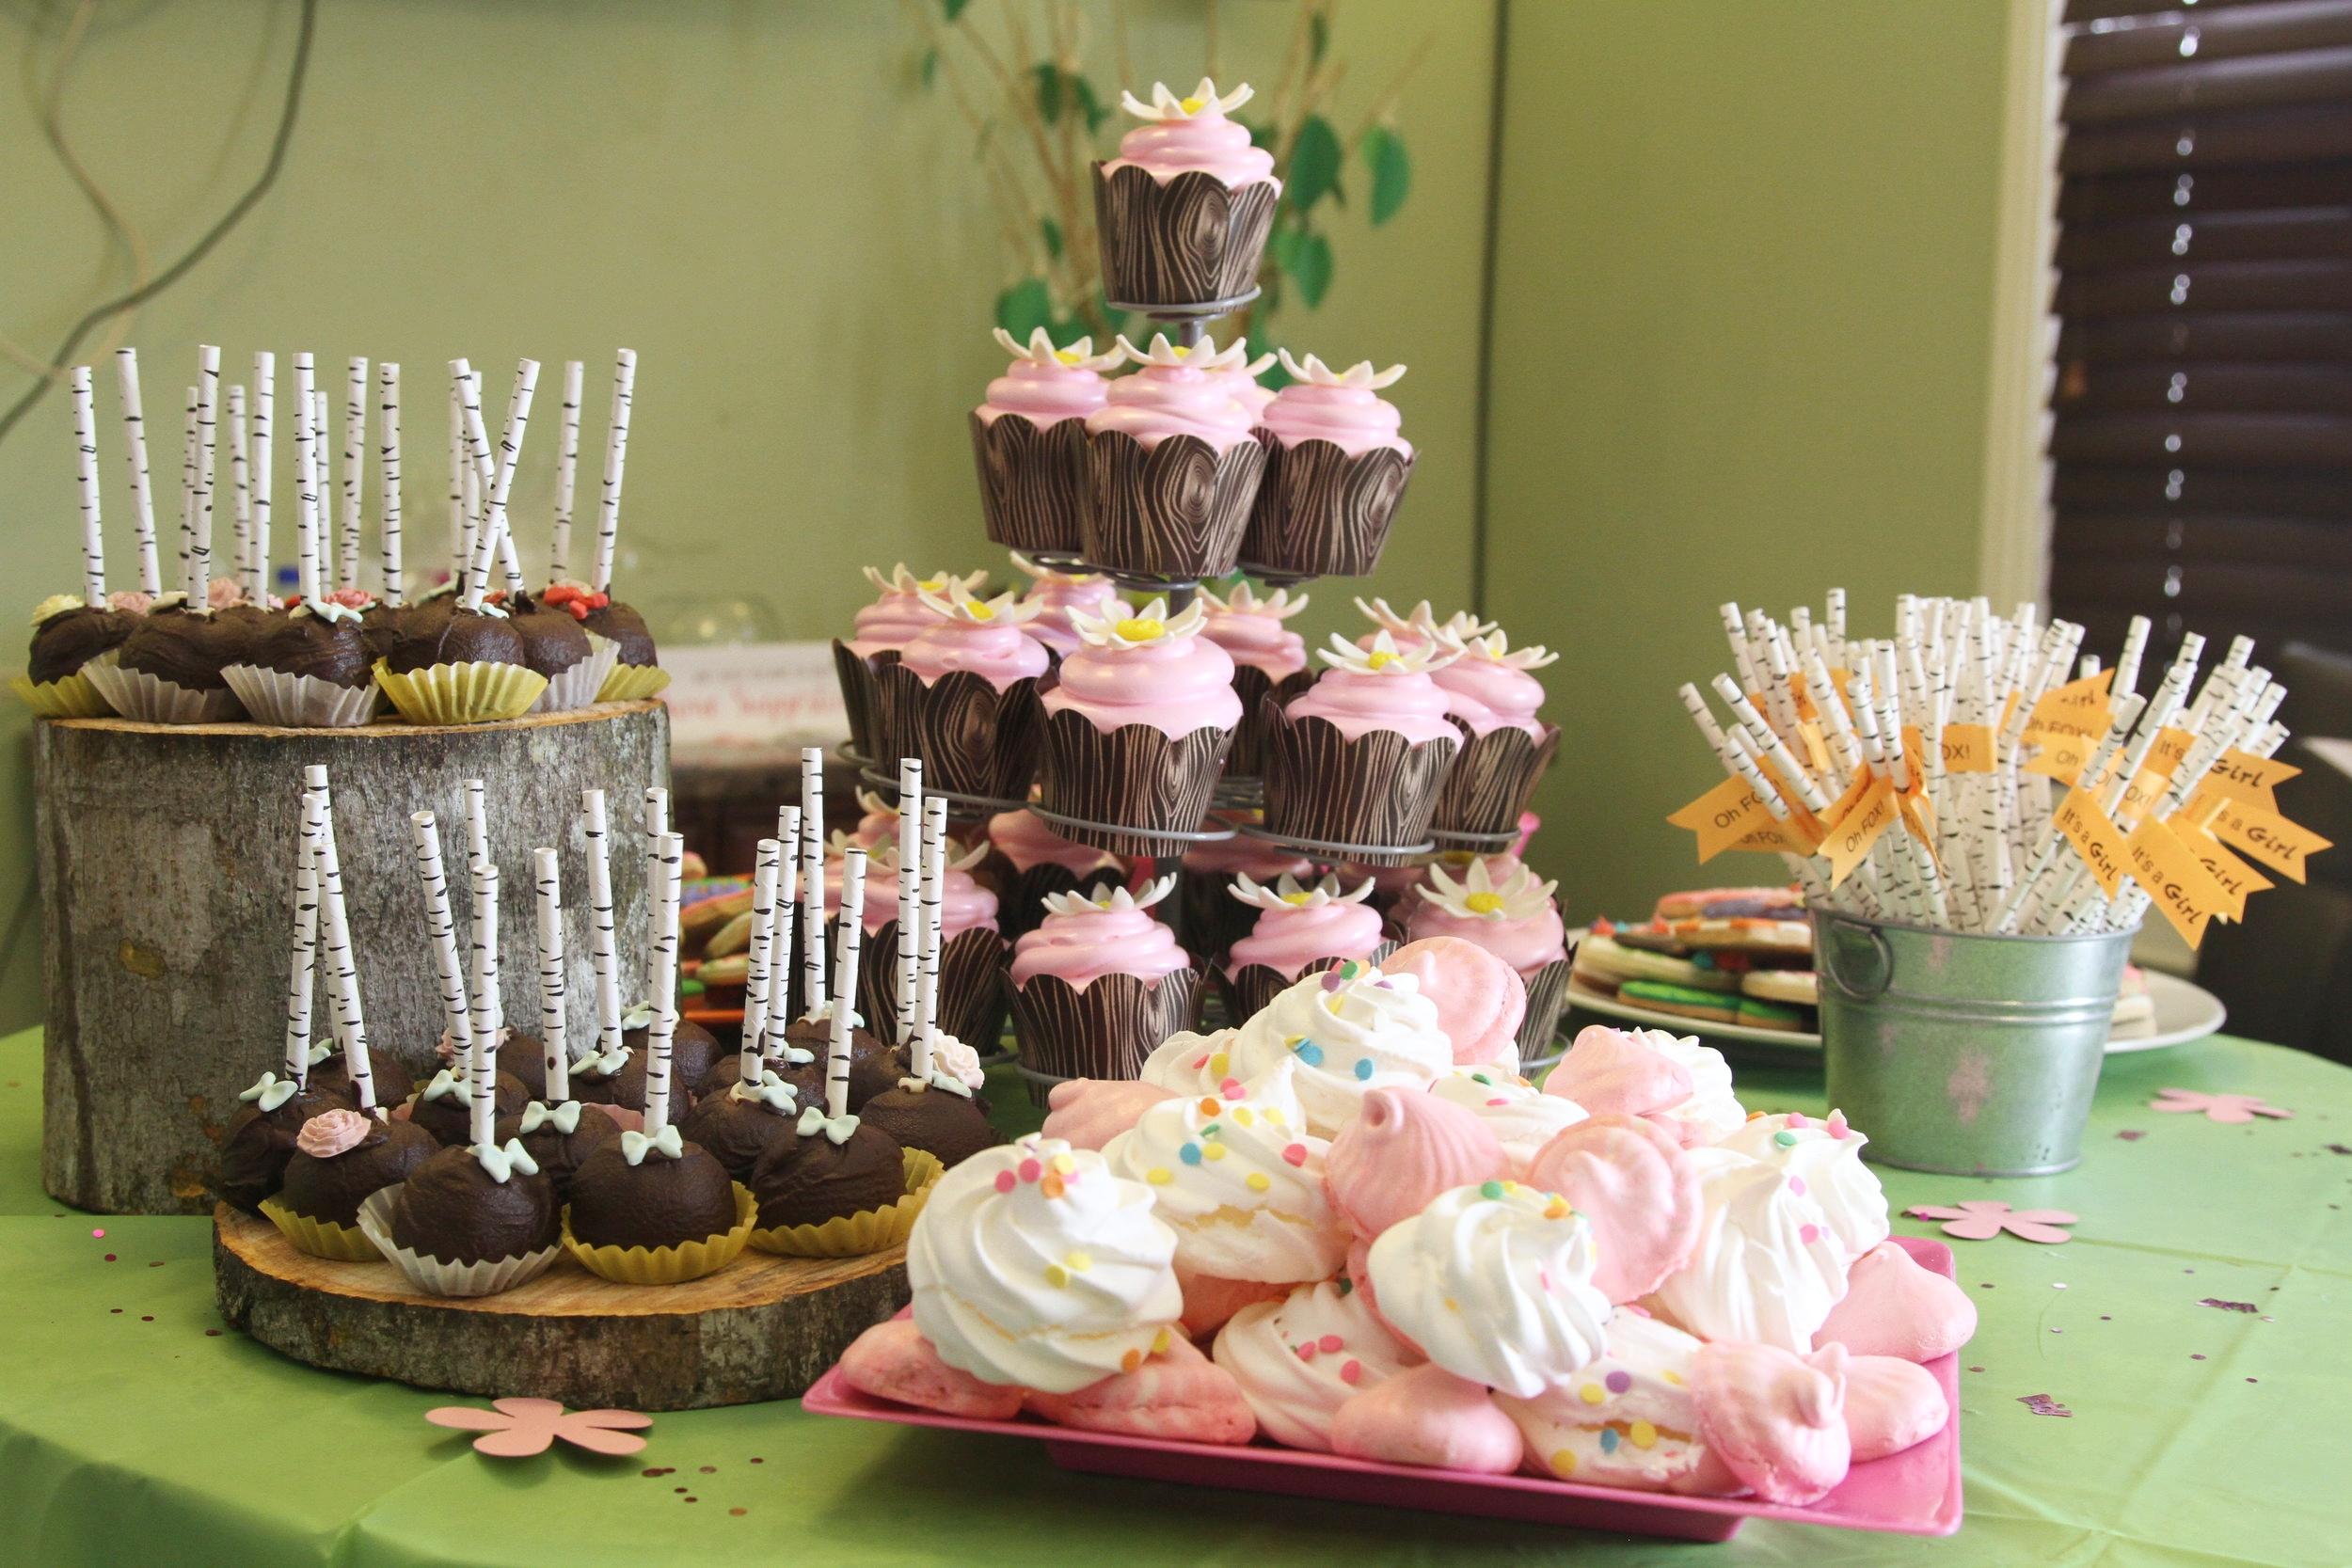 woodland dessert table. meringue cookie cookies cake truffle pop pops cupcakes cupcake lemon meringue